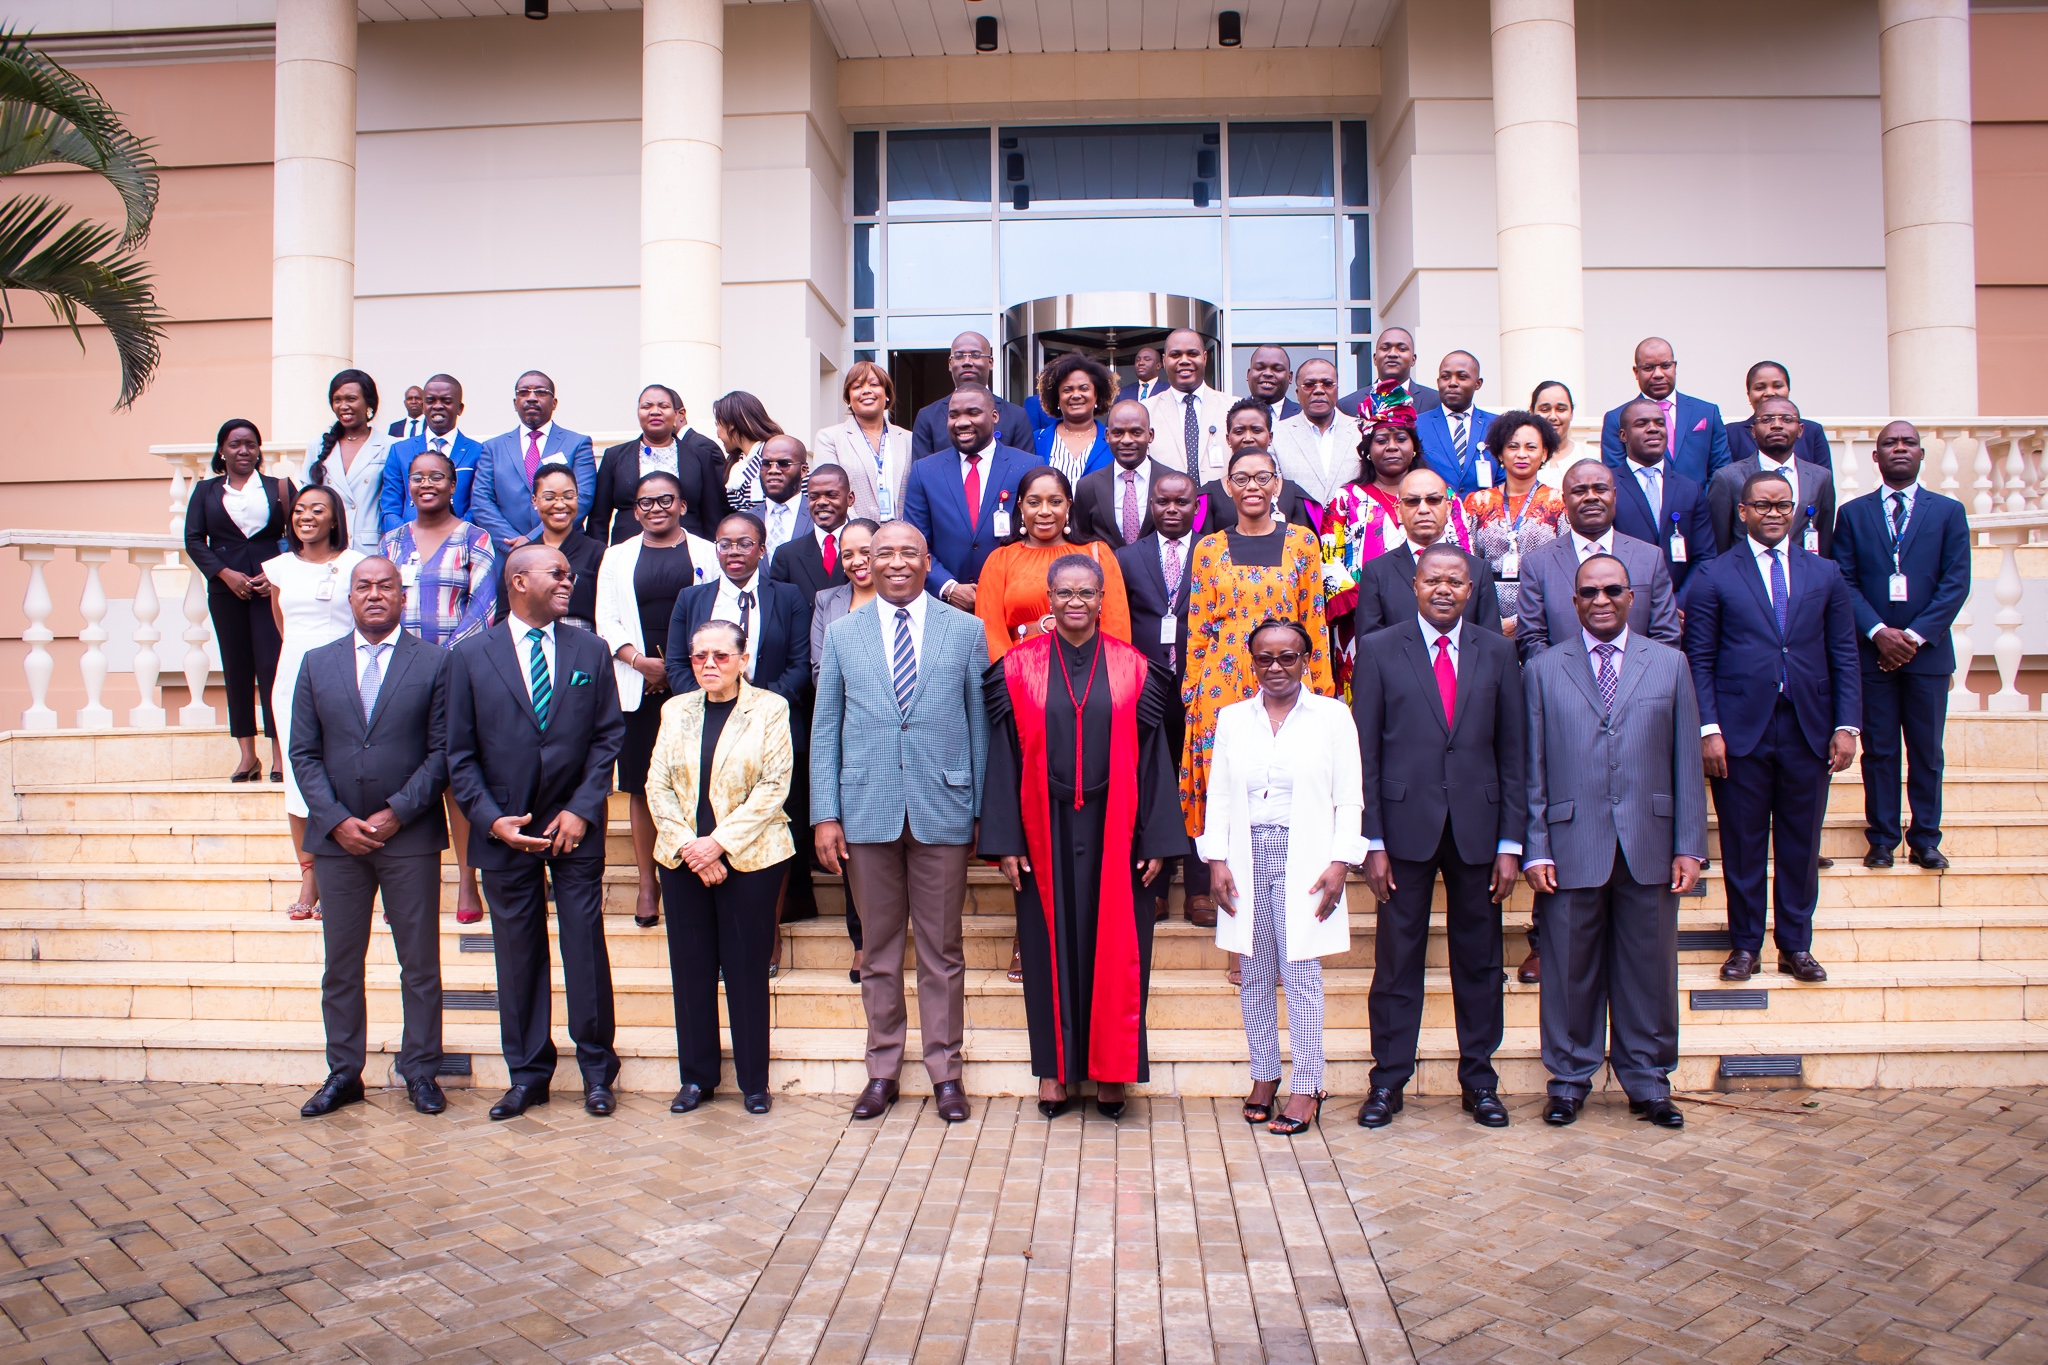 Juíza Presidente movimenta quadros para conformar funcionamento do Tribunal de Contas com a Lei